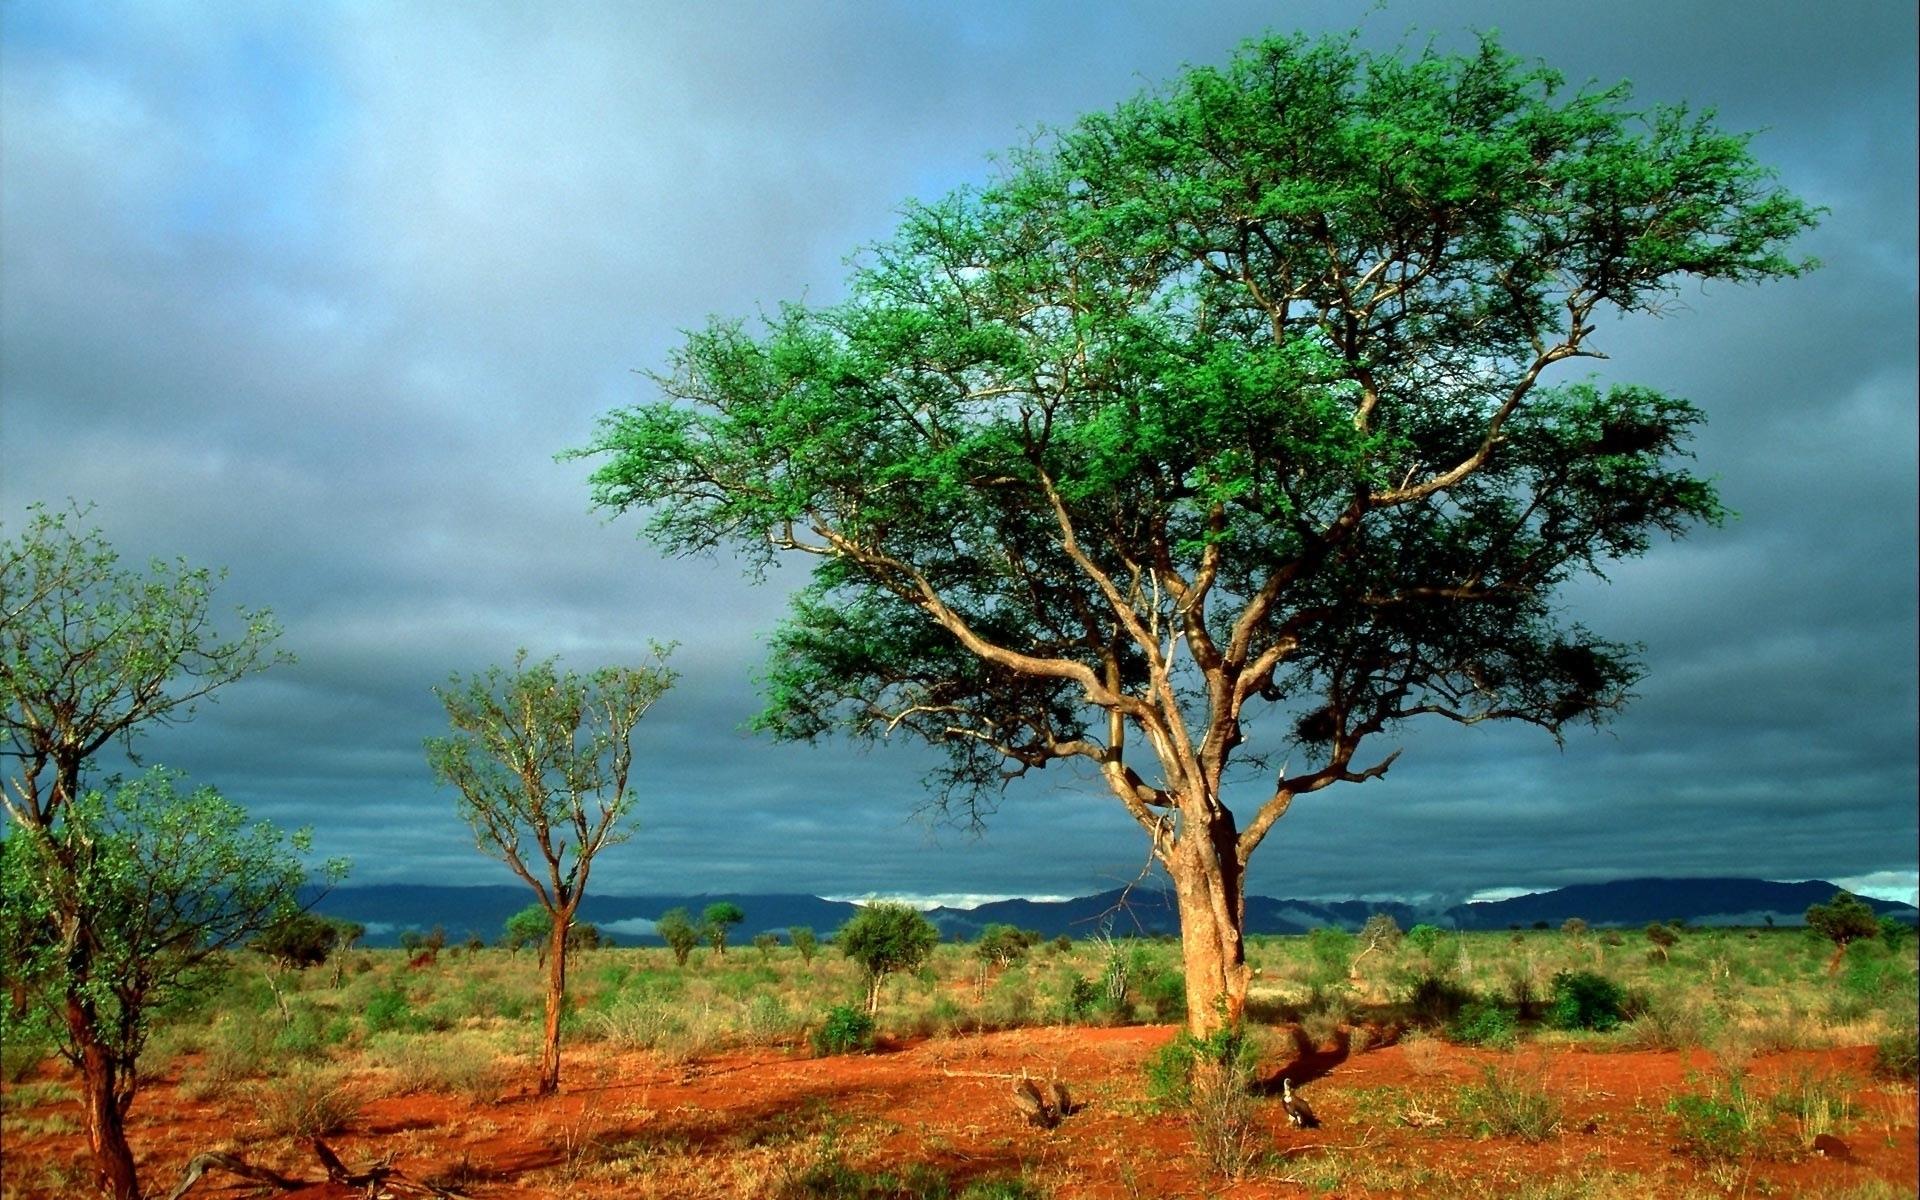 49573 скачать обои Пейзаж, Природа, Деревья - заставки и картинки бесплатно